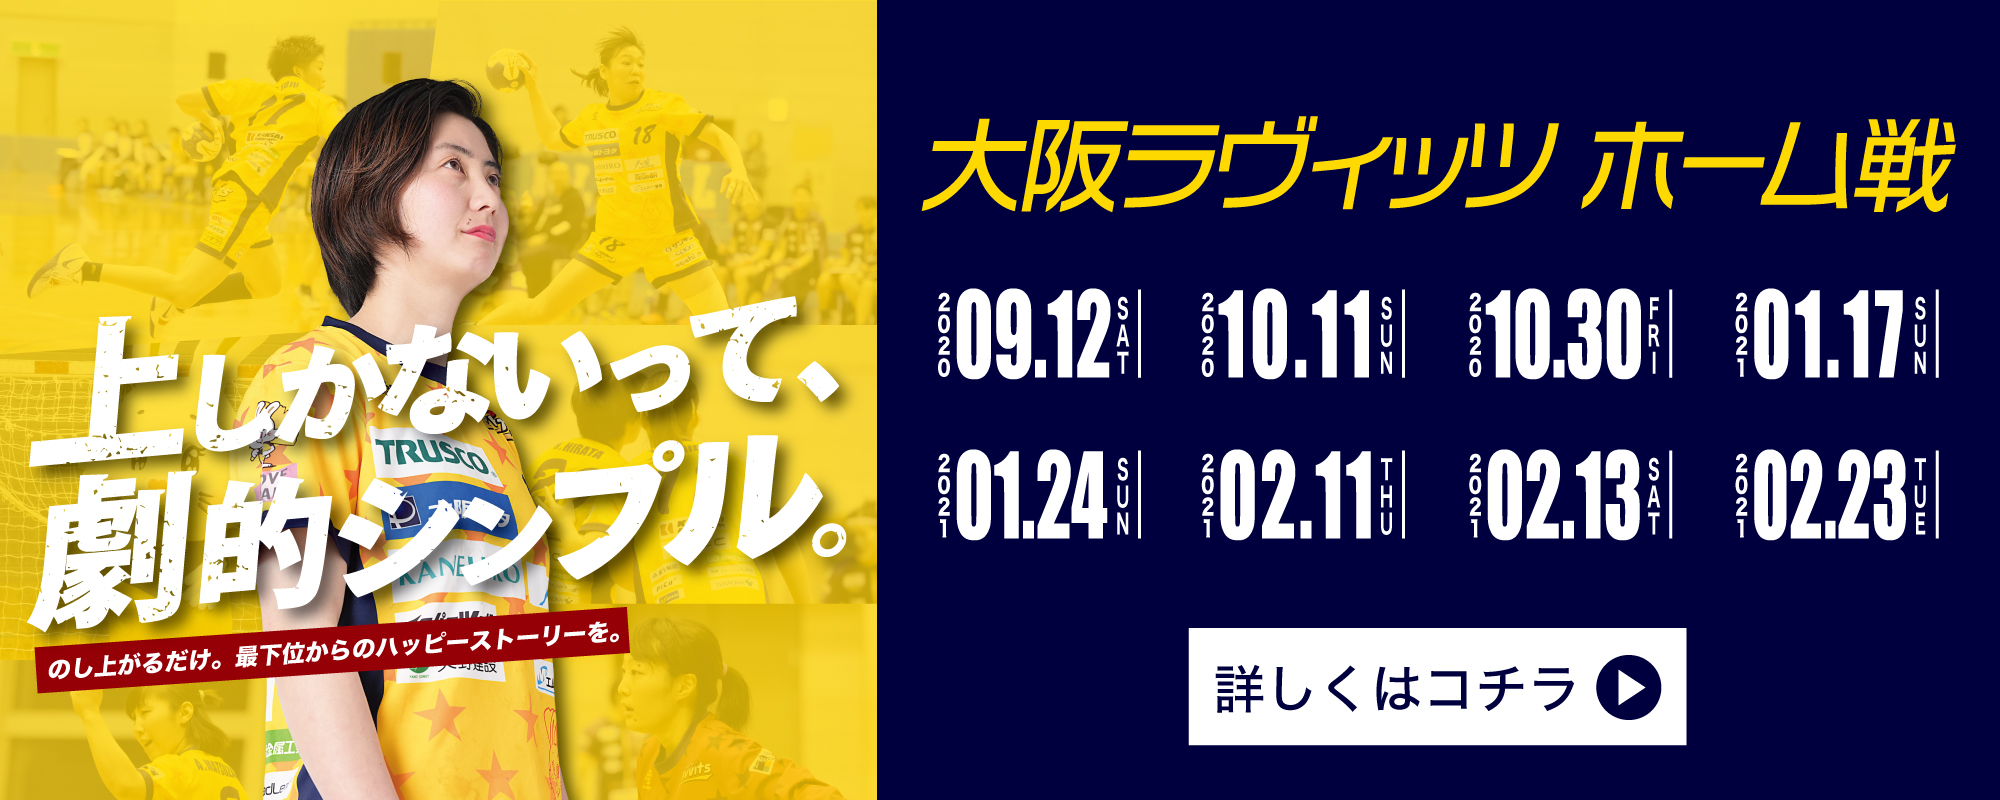 大阪ラヴィッツ試合日程